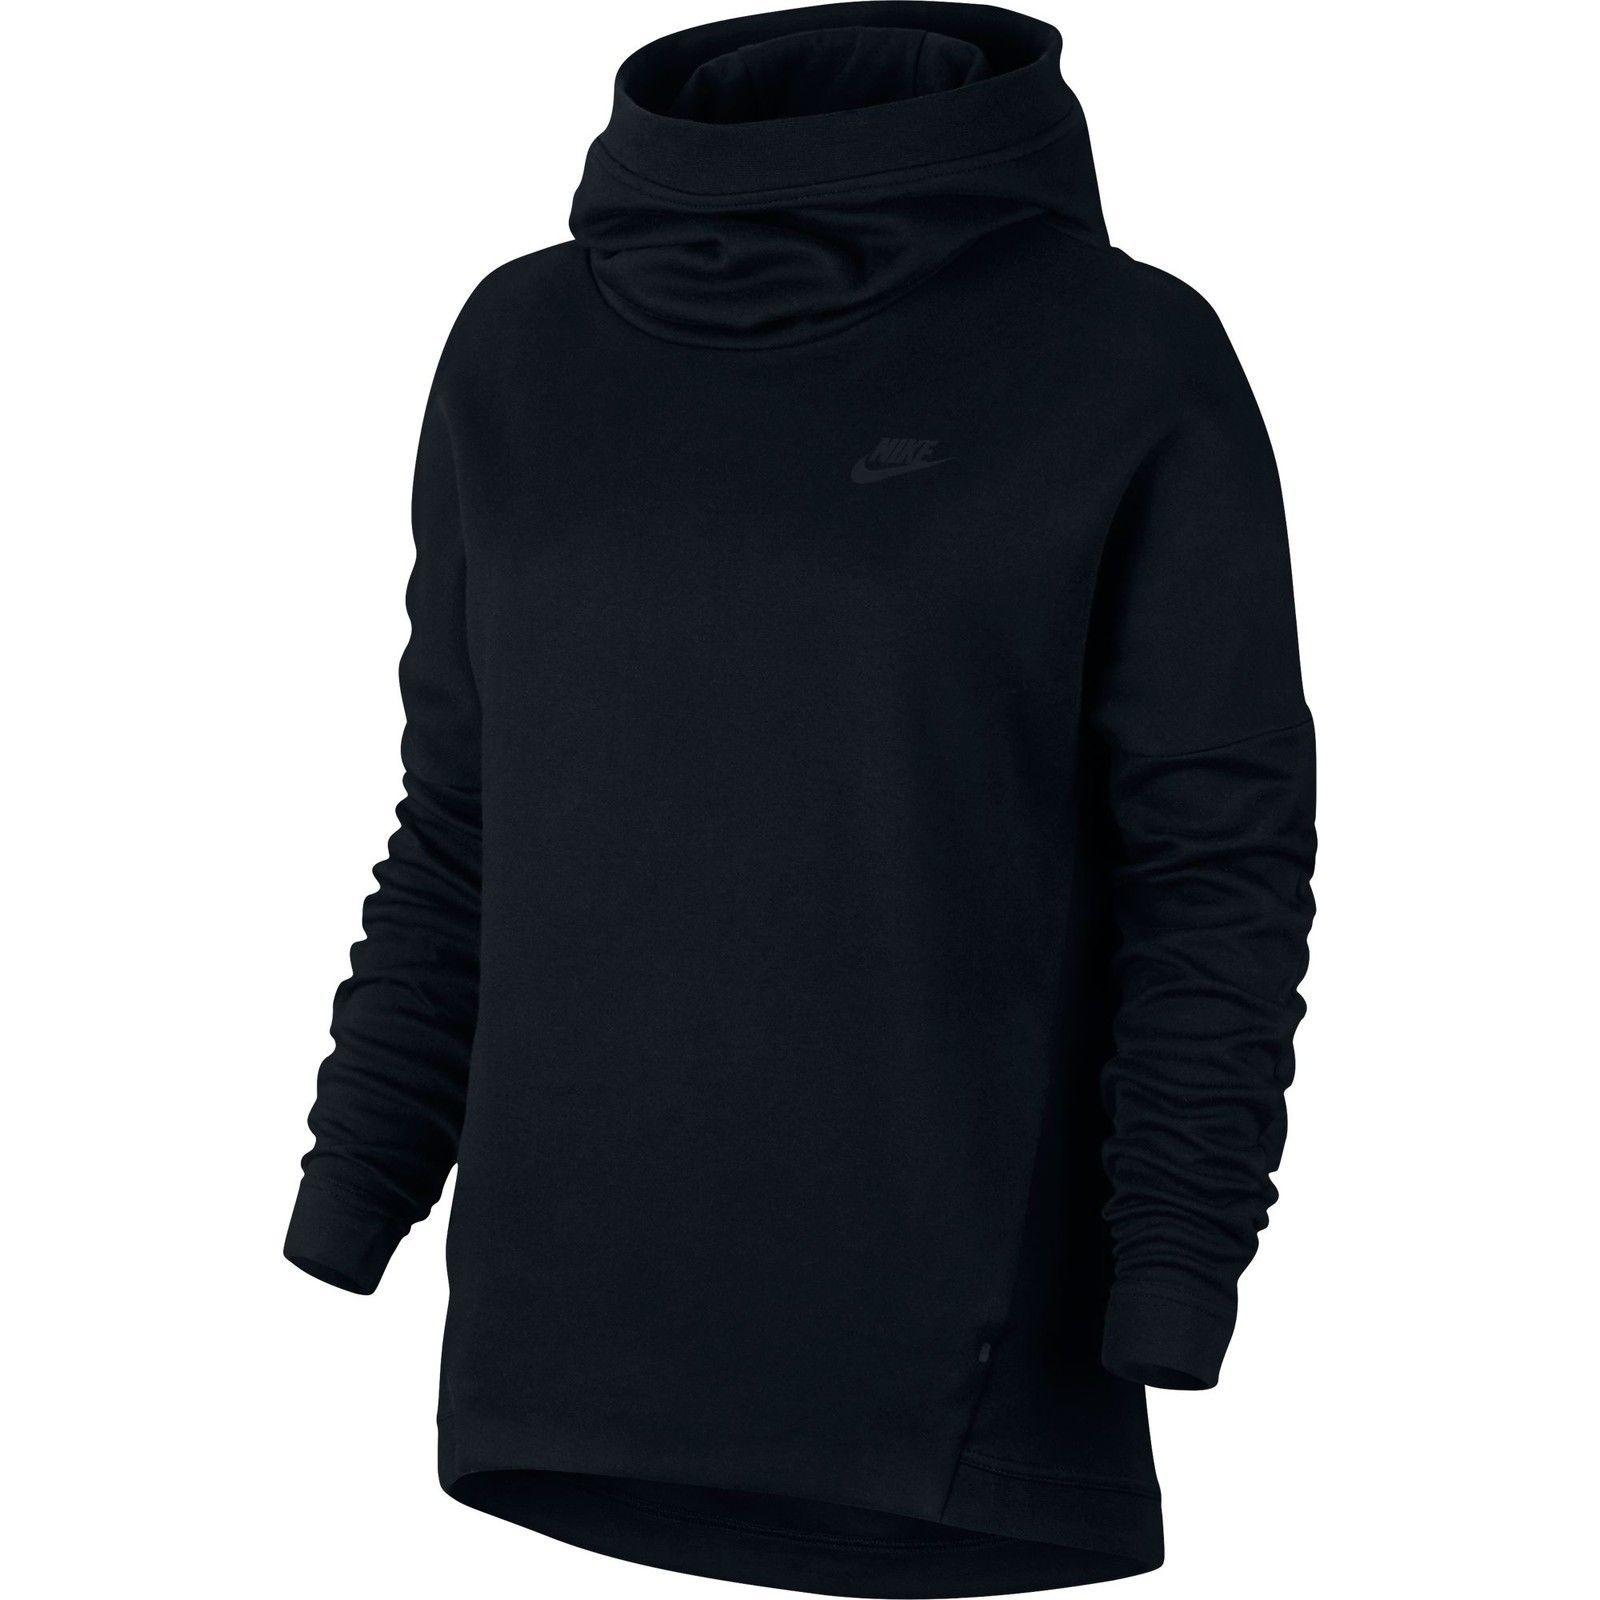 130 / Nike Sportswear Tech Fleece Windrunner Men's Full